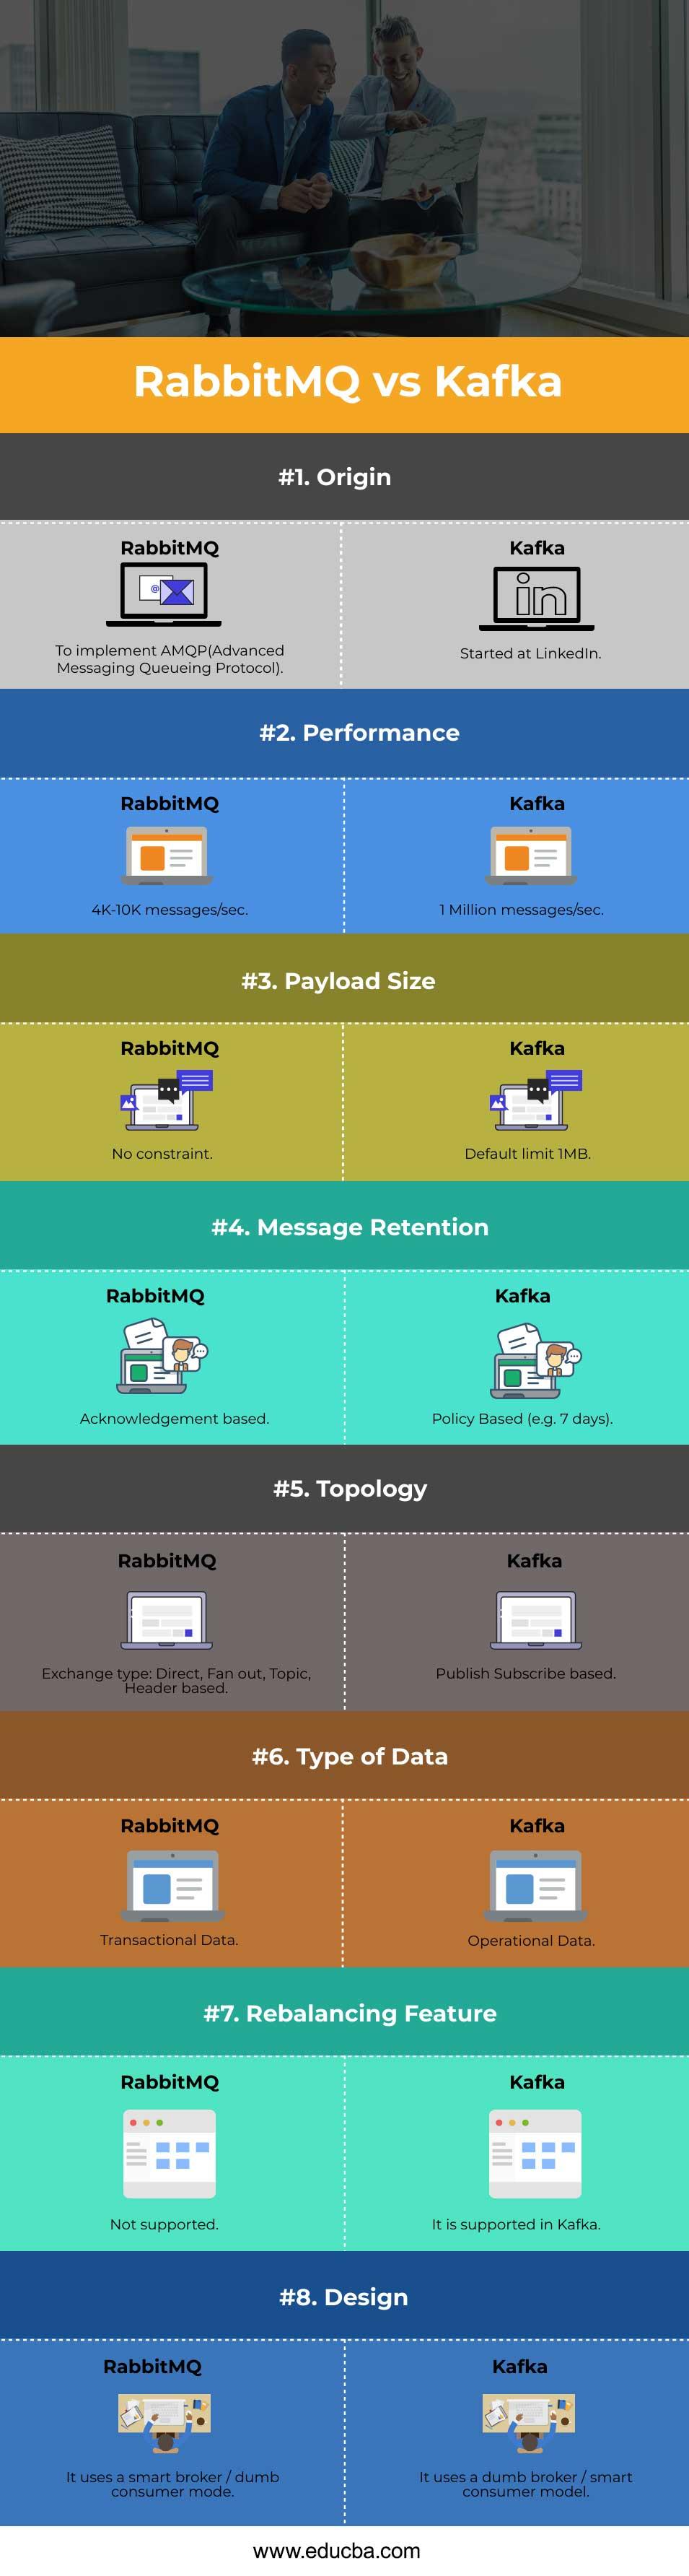 Head to Head Comparison Between RabbitMQ vs Kafka